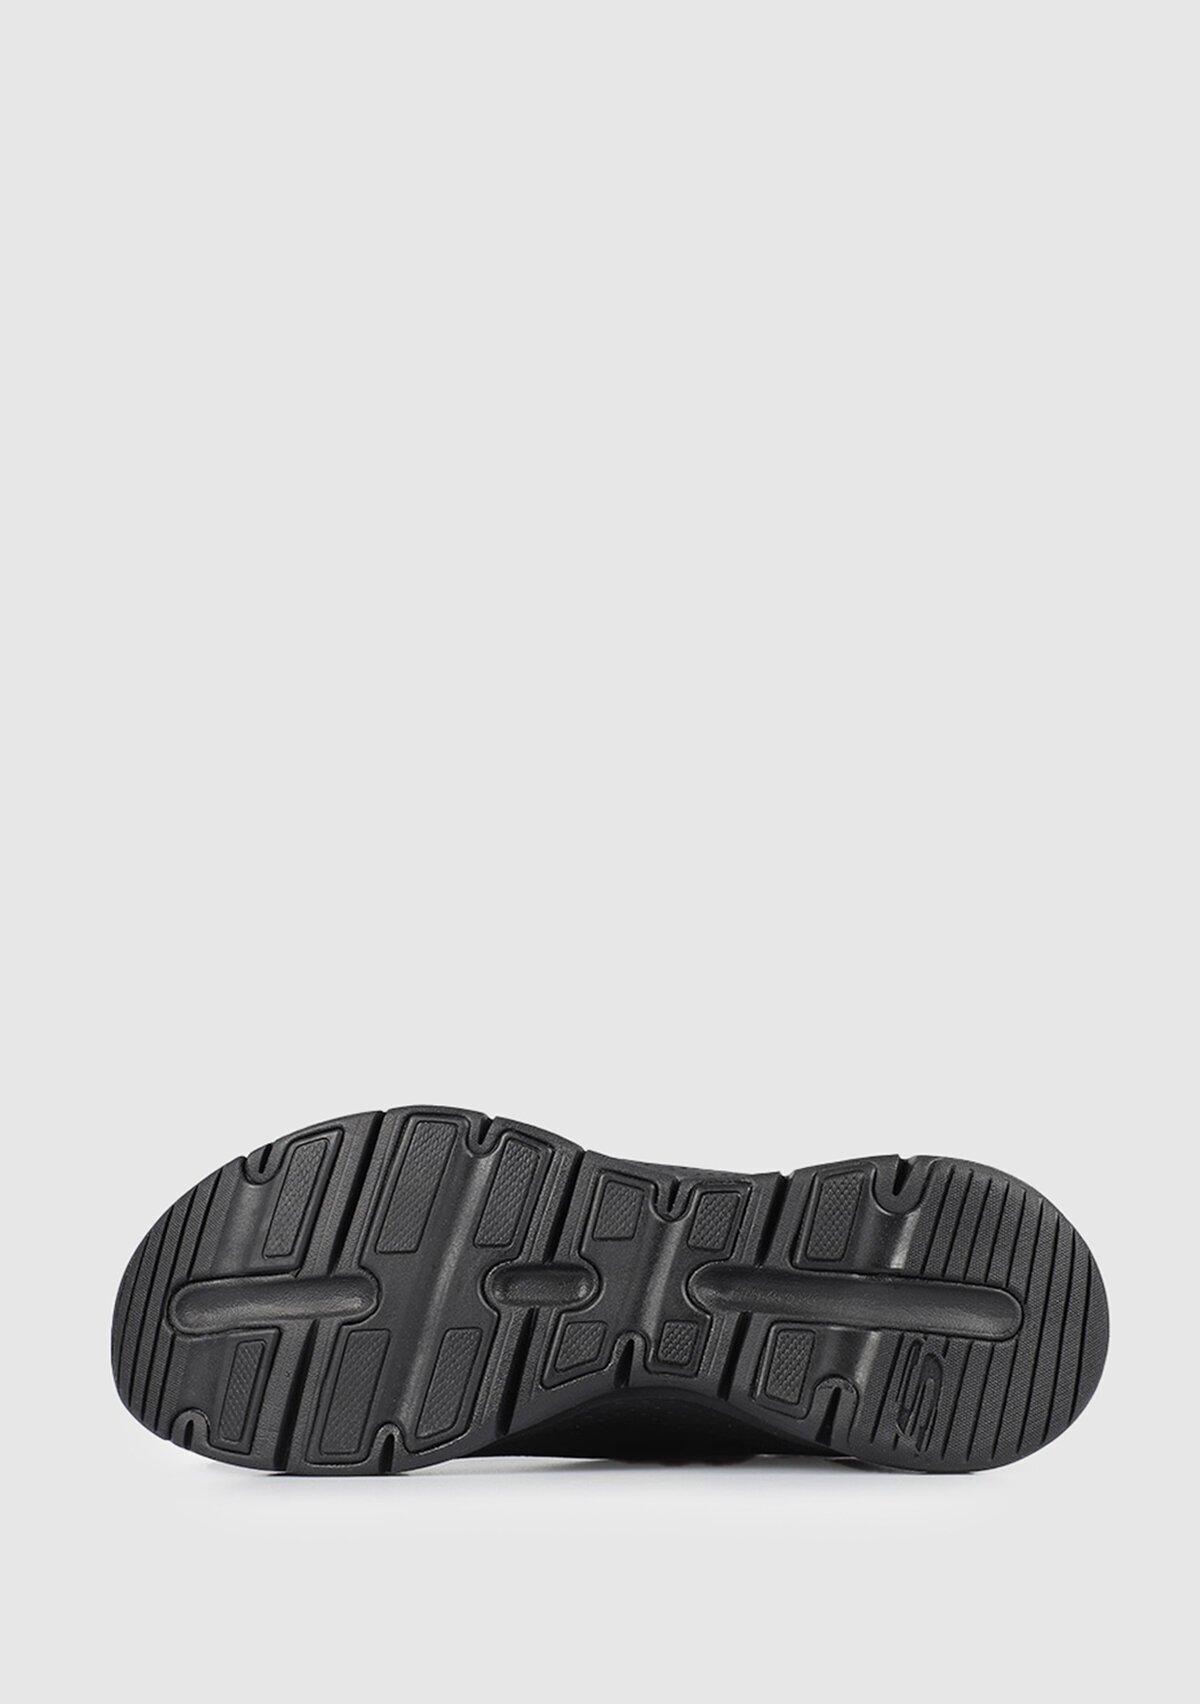 resm Arch Fit Siyah Kadın Spor Ayakkabısı 149057Bbk